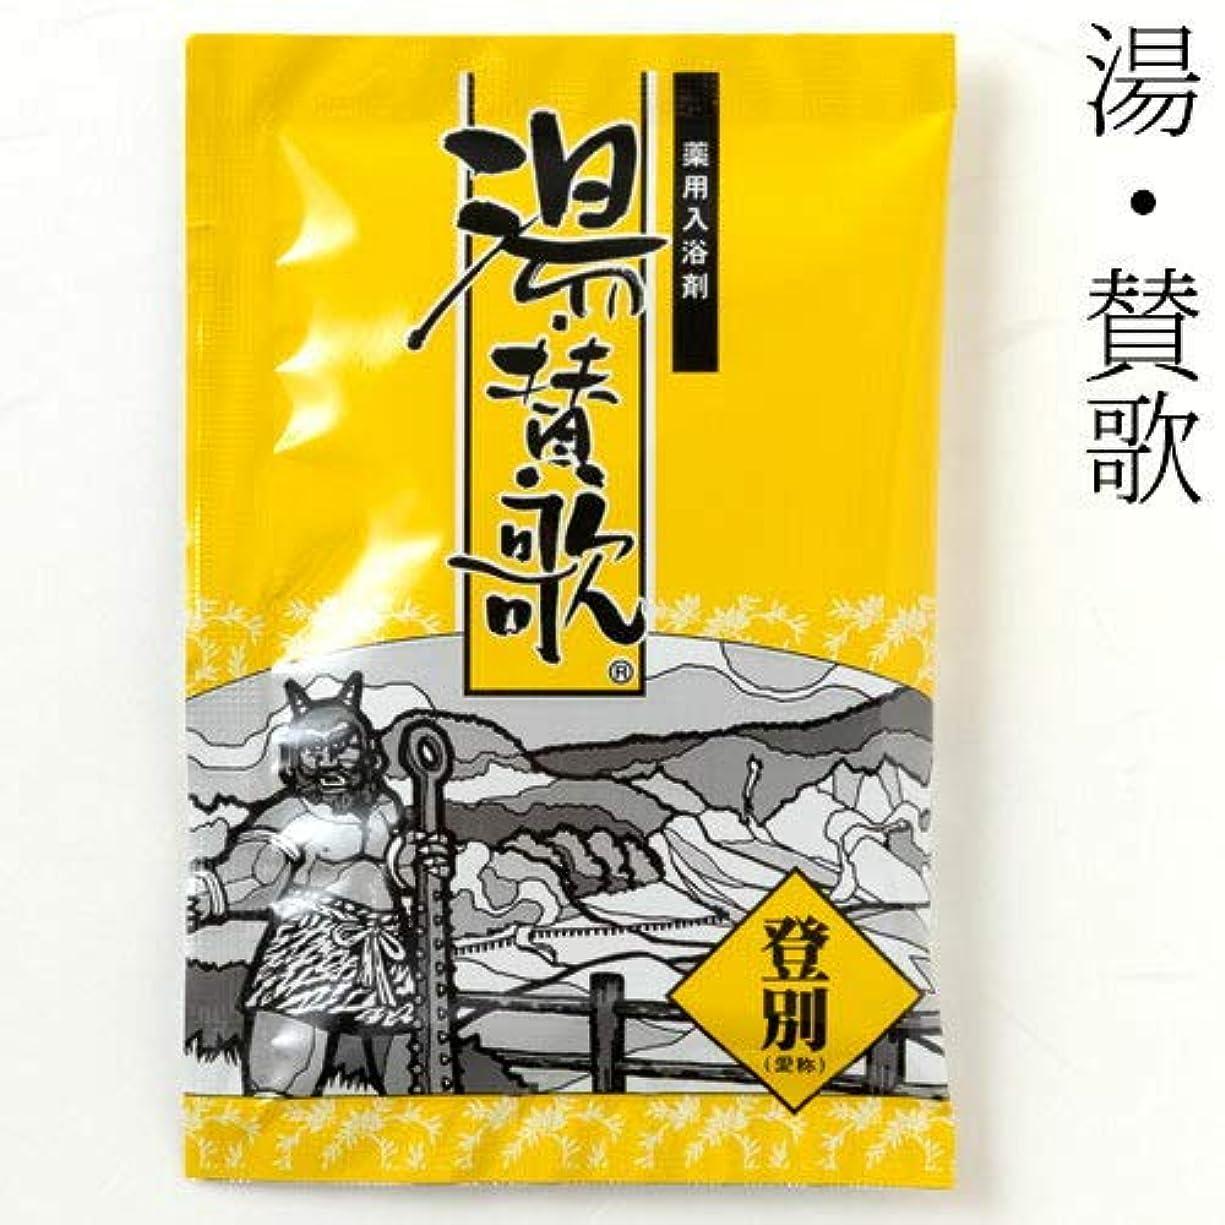 ビデオ口述バルク入浴剤湯?賛歌登別1包石川県のお風呂グッズBath additive, Ishikawa craft